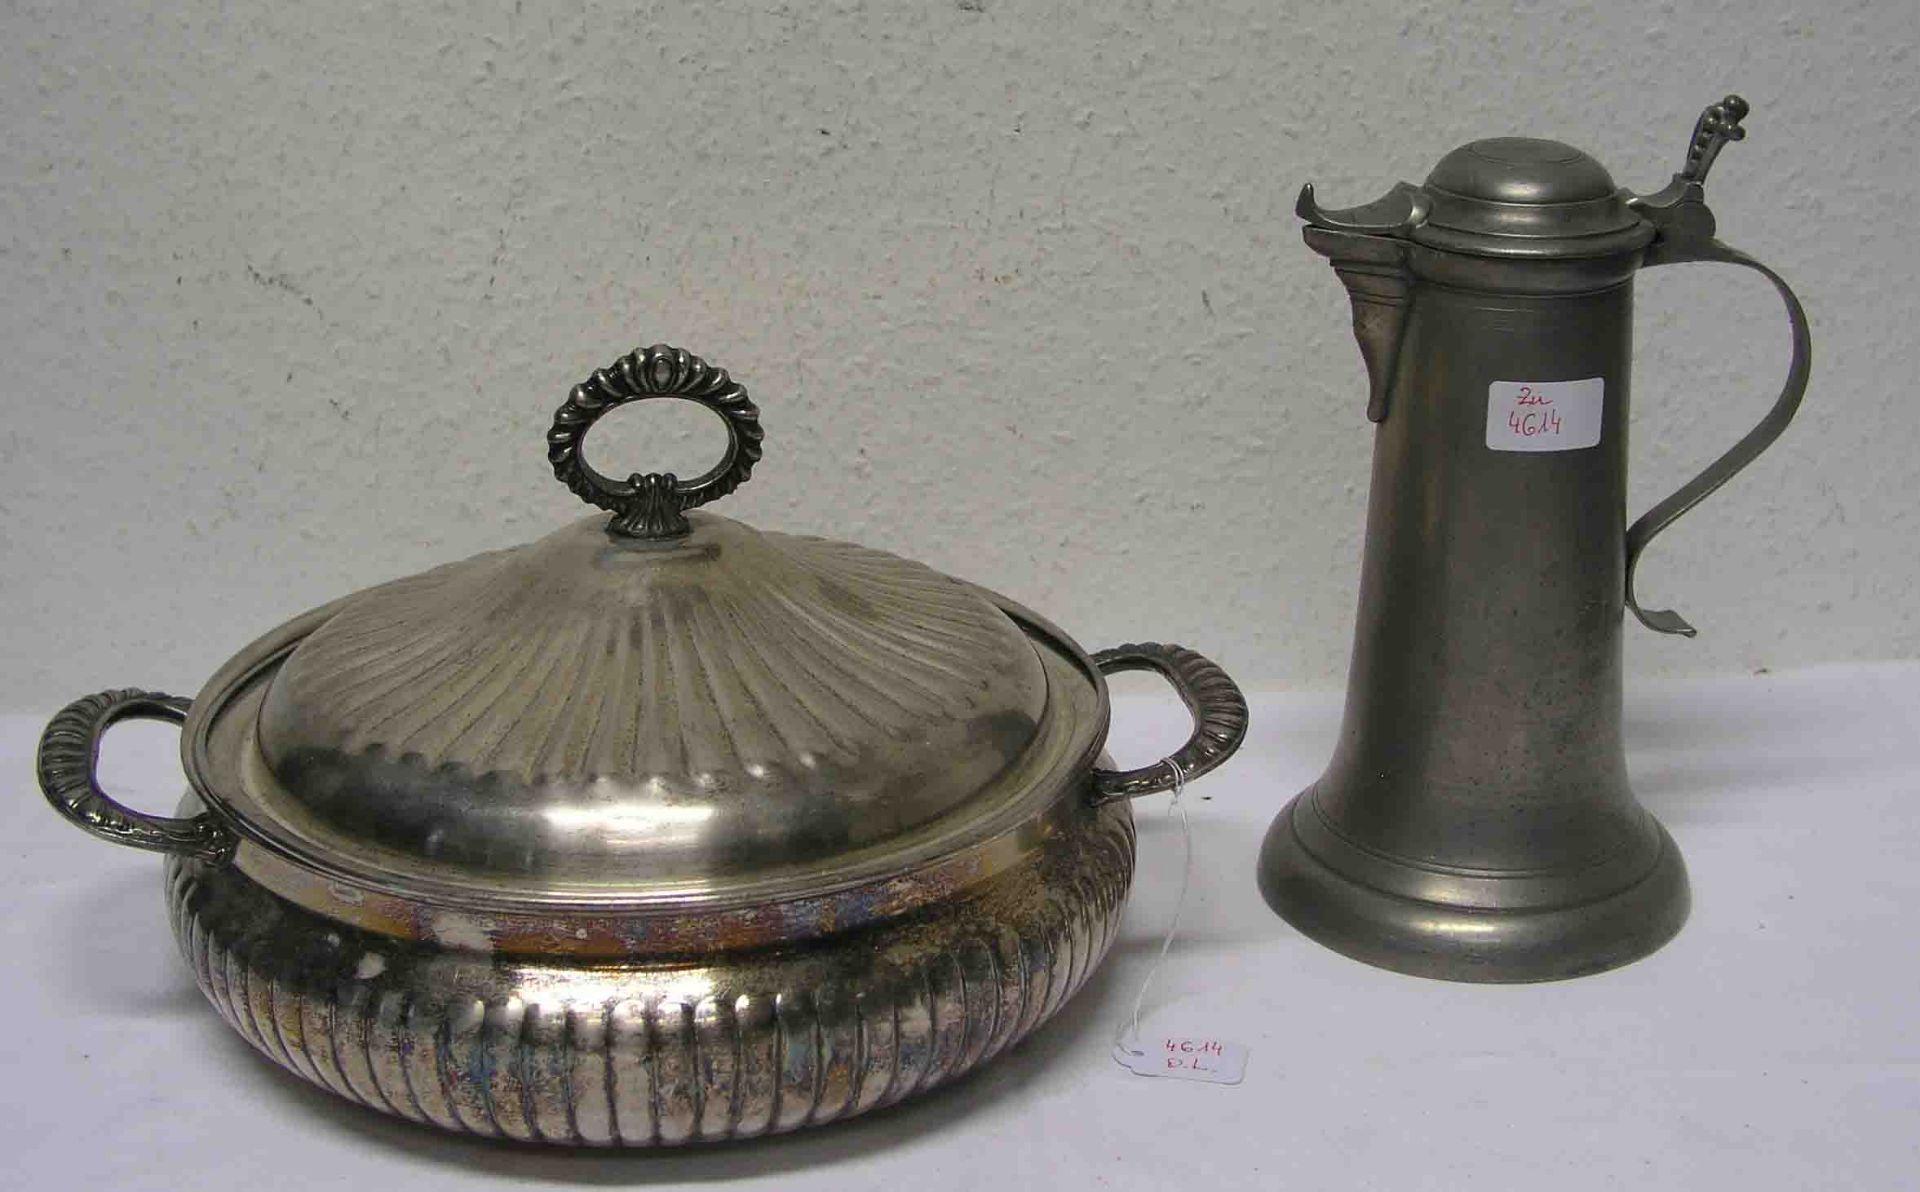 Terrine, Durchmesser 26cm, Deckel